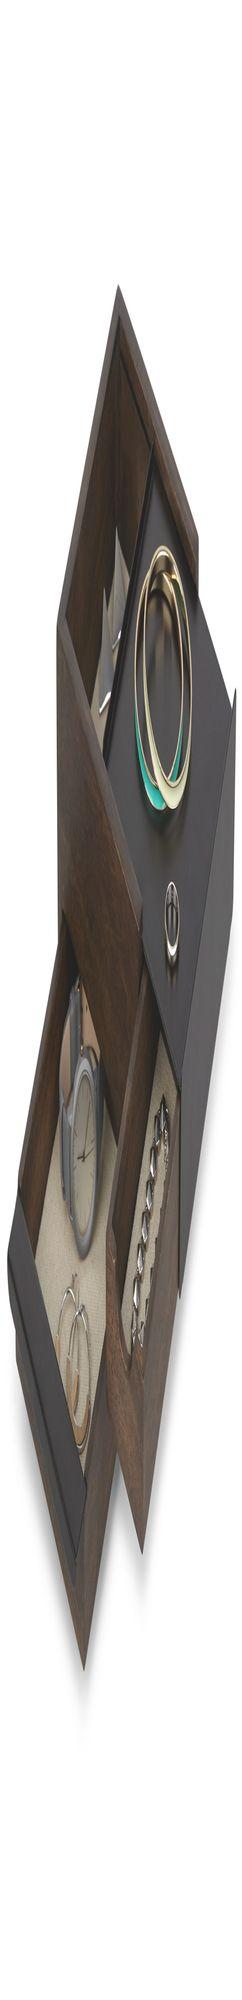 Шкатулка для украшений Stowit, черная фото